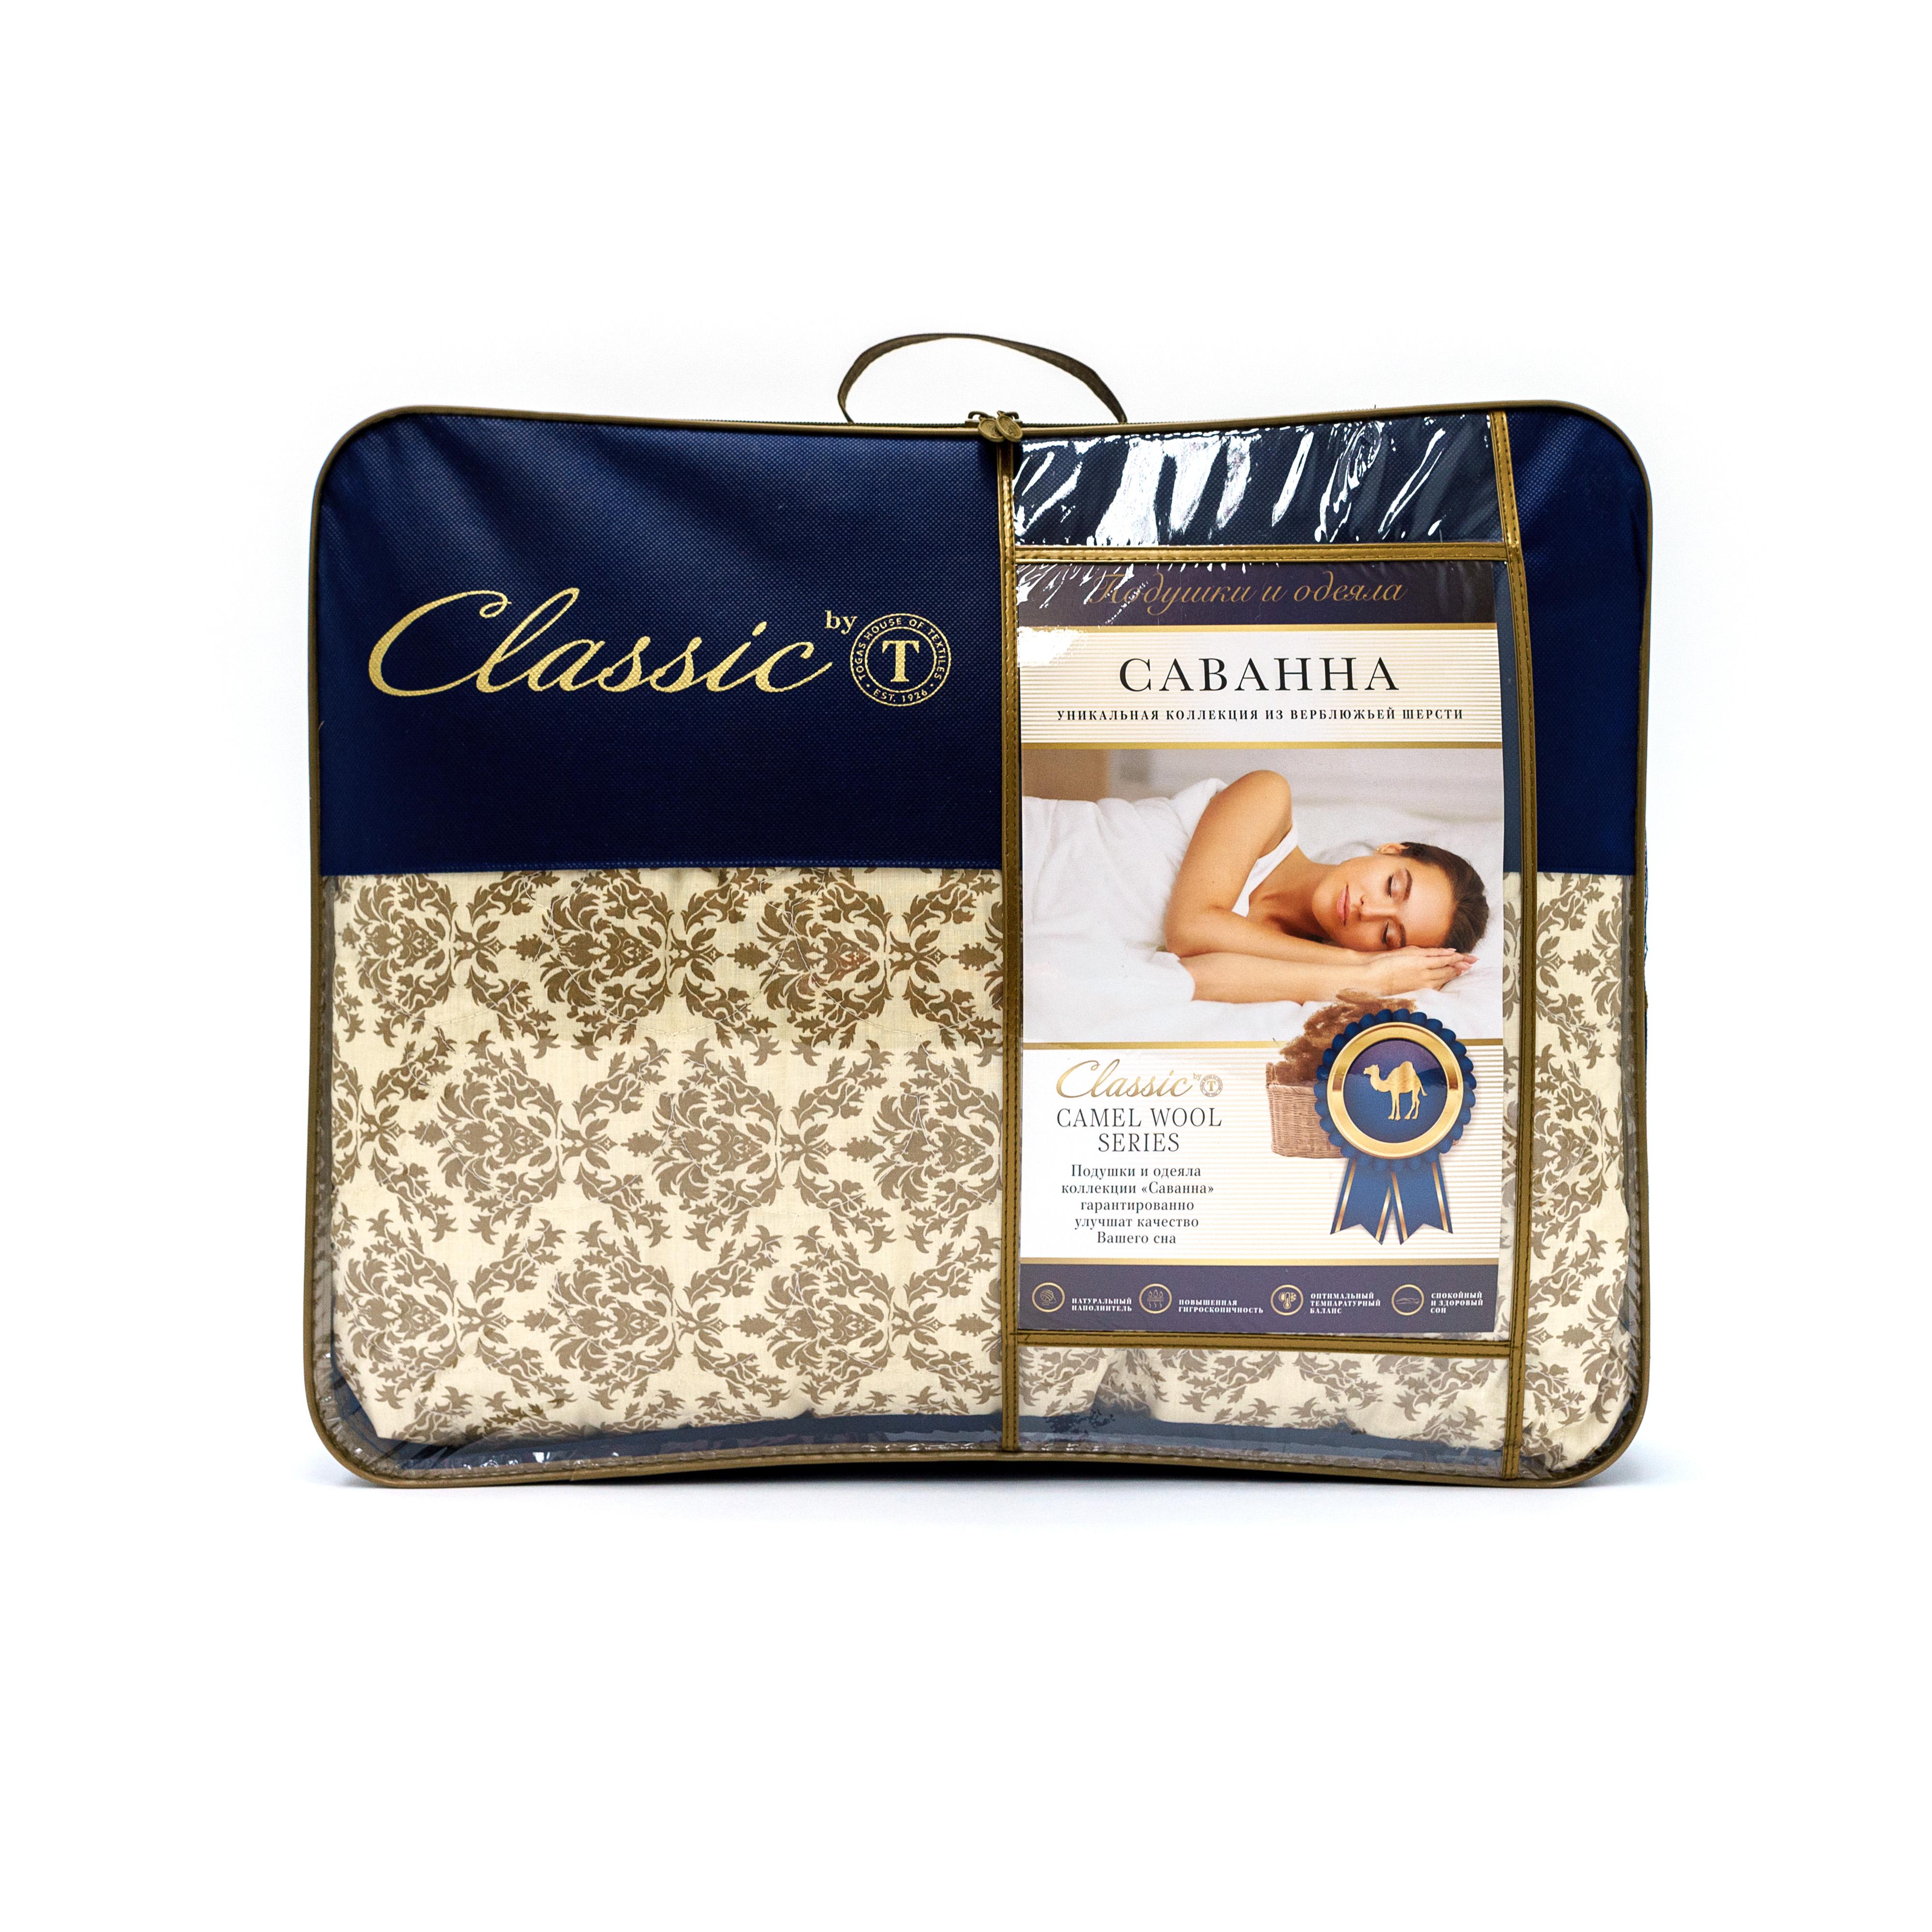 Одеяла CLASSIC by T Одеяло Саванна (200х210 см) одеяло classic by t верблюжья шерсть